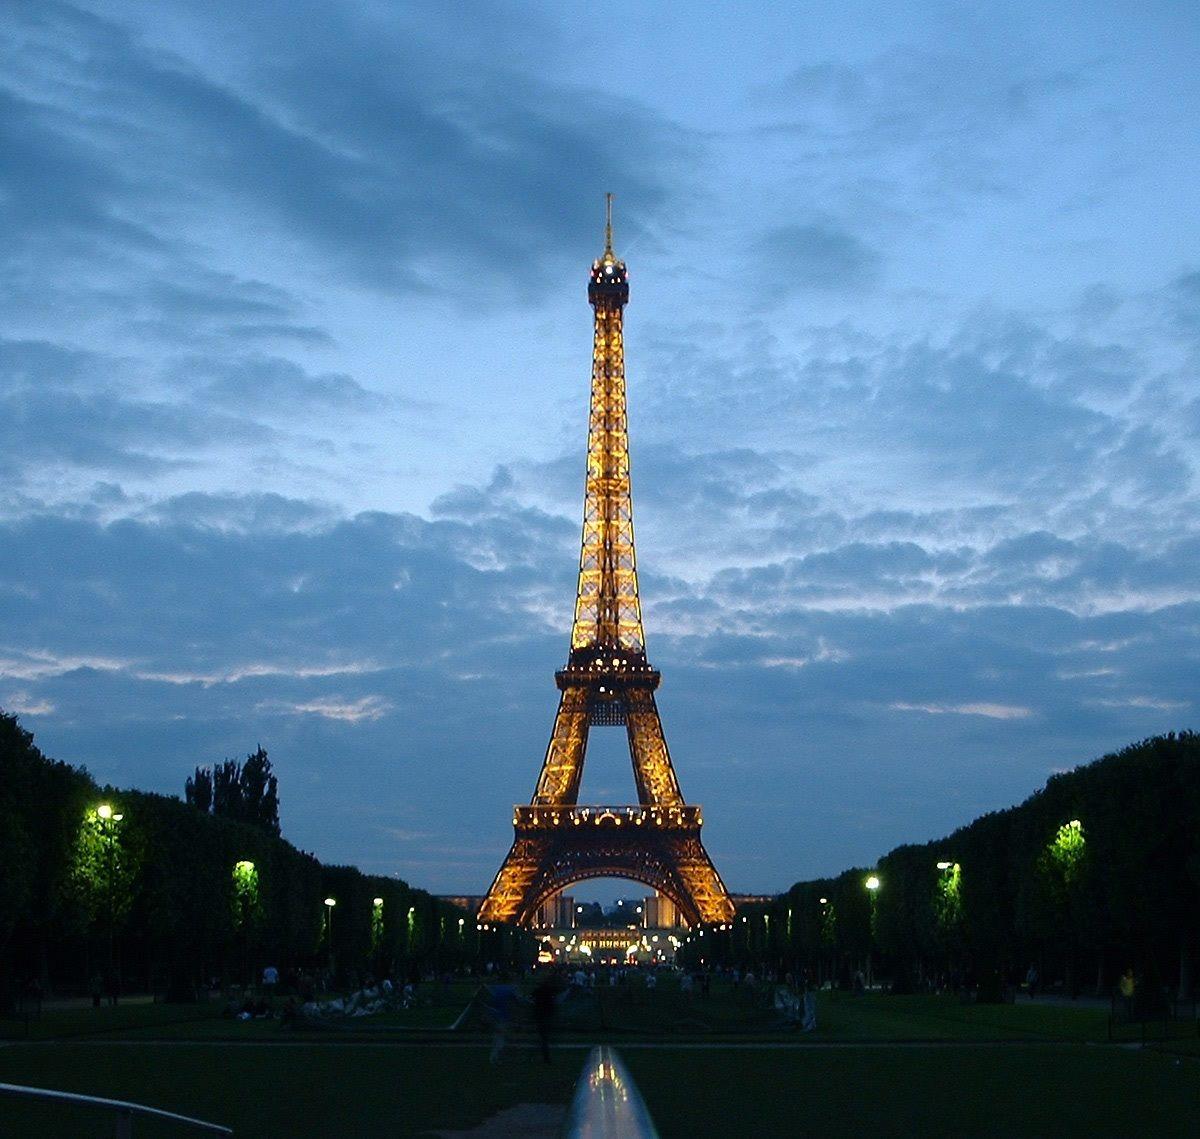 #ParisLoveSofa #RingEdition #SoulPieces #PrimeDesignLand